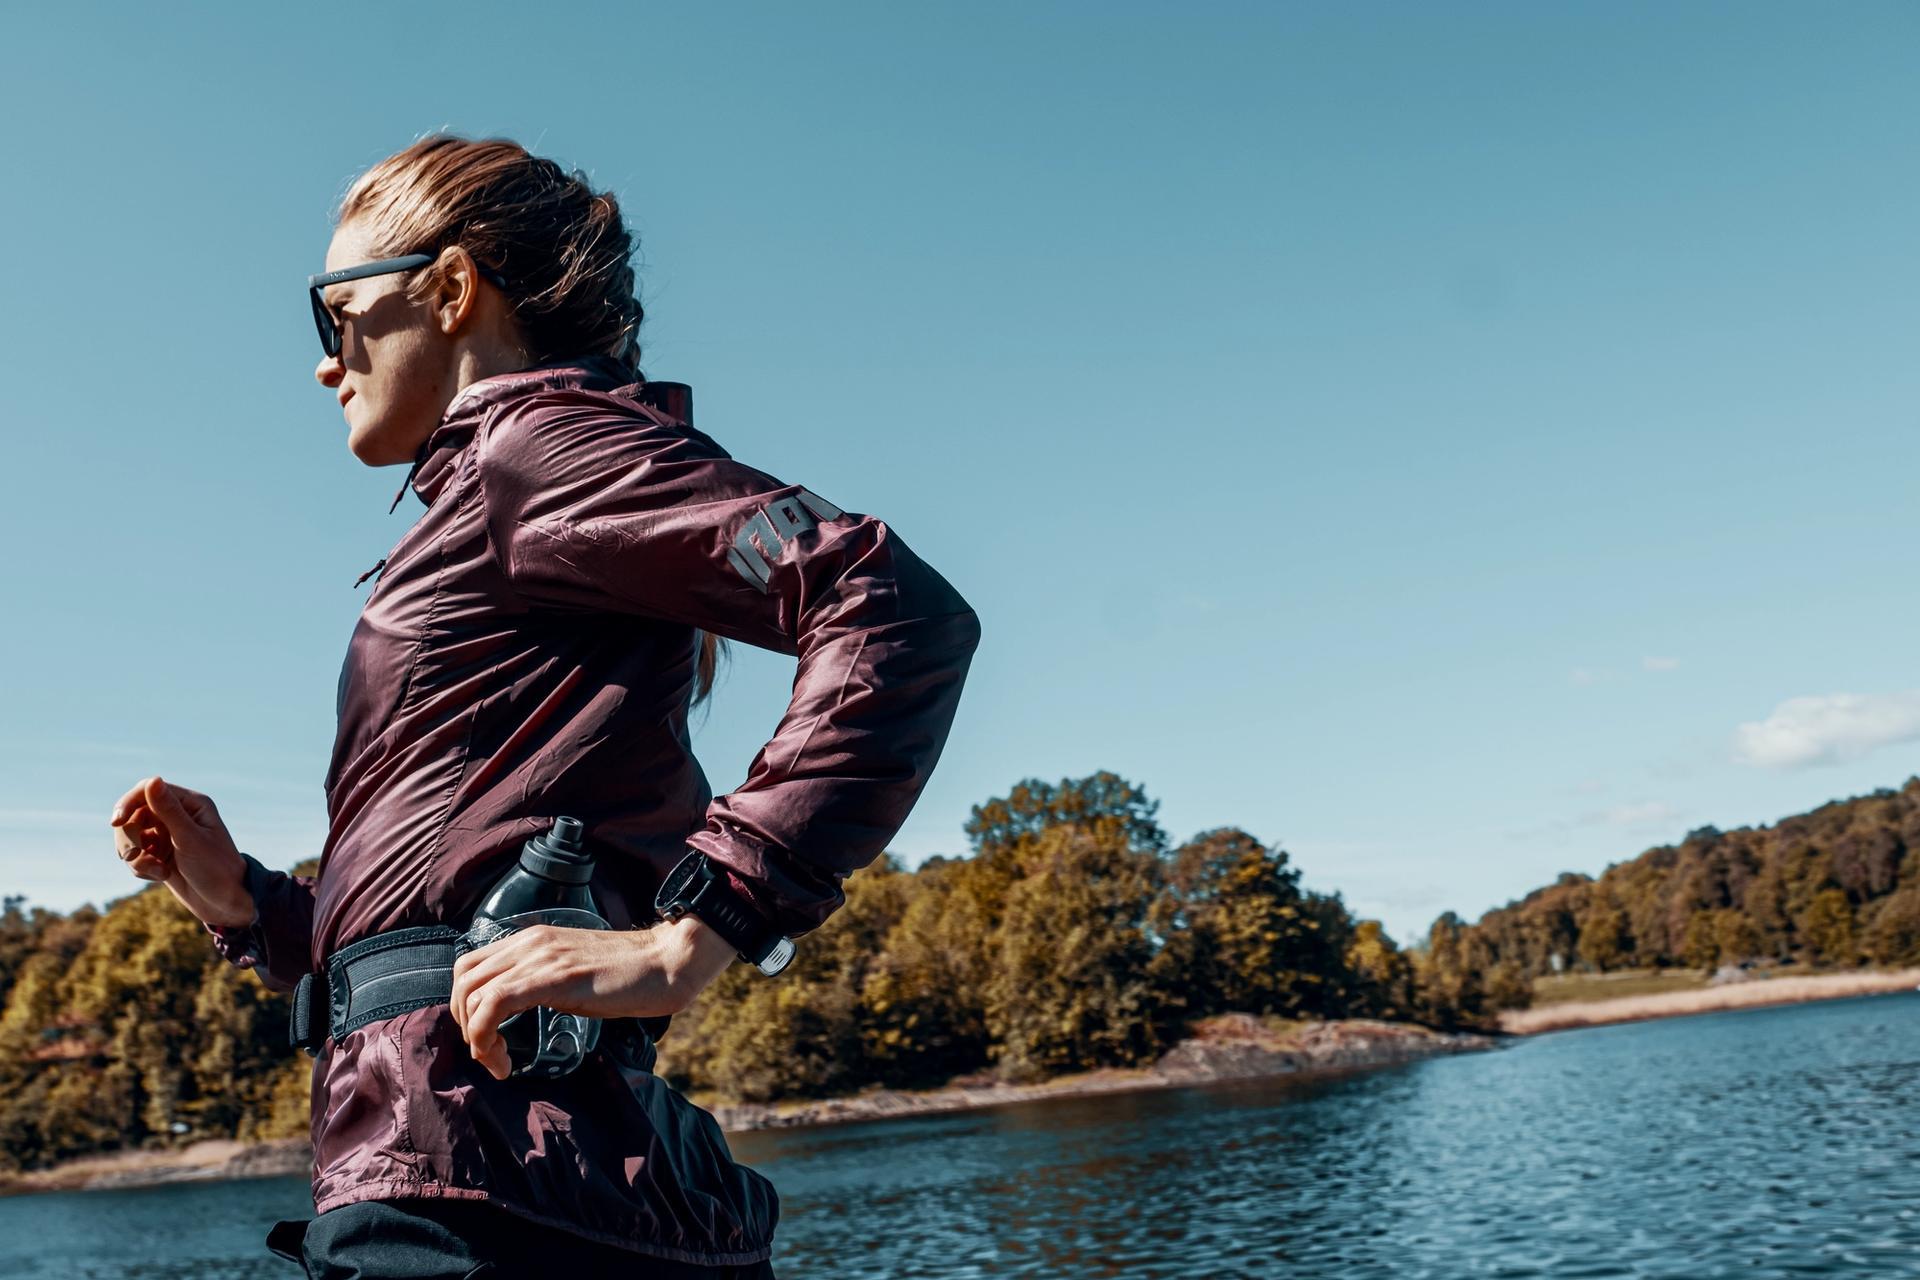 Dame løper med solbriller ved vann